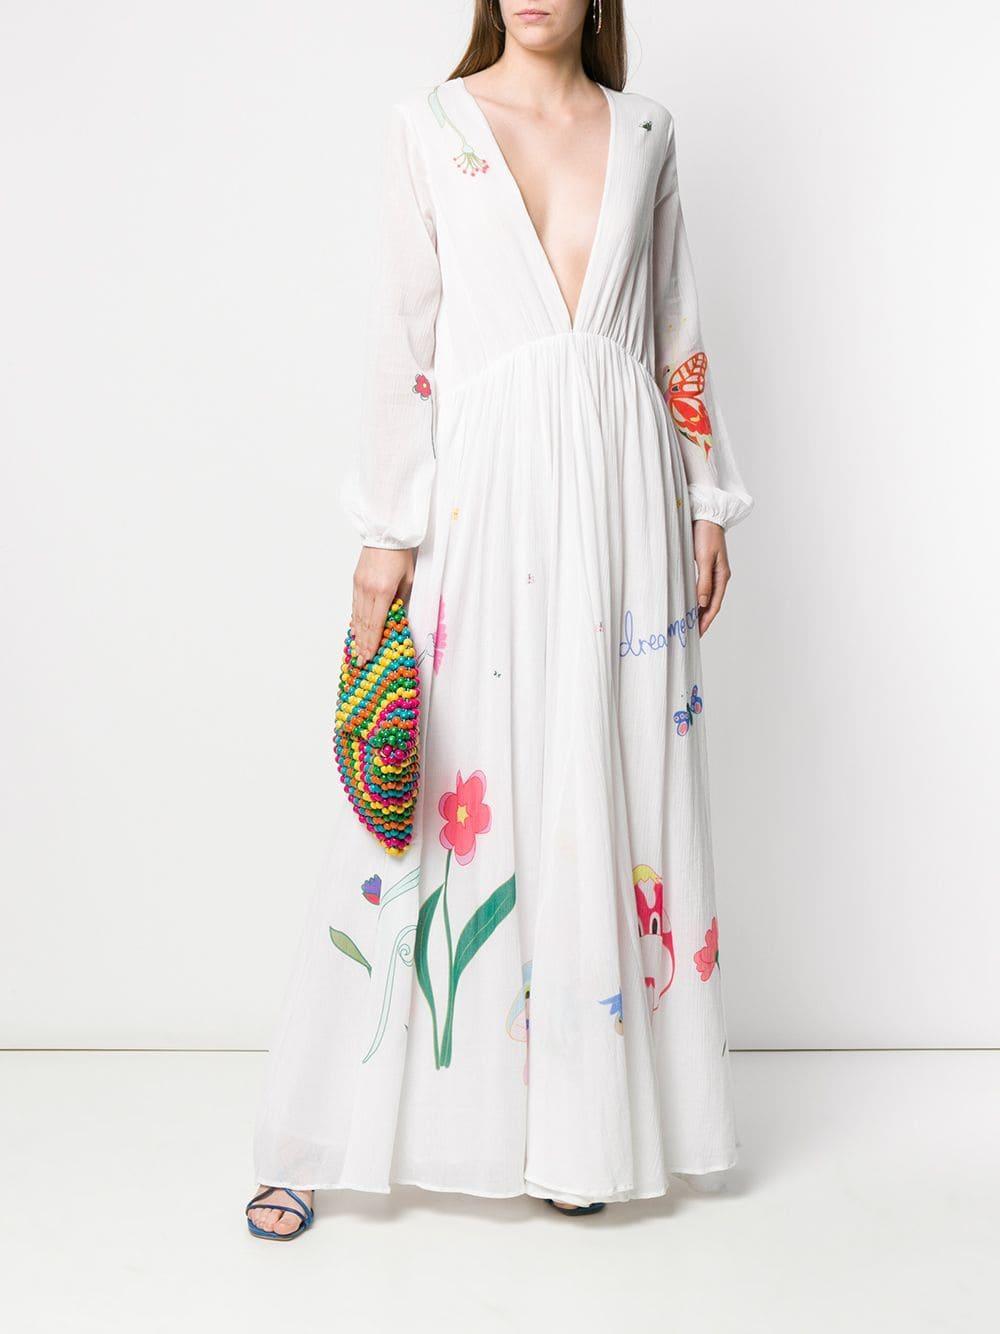 Mira Dress Fairy Mikati Print Lyst White In Tale Long TKJ35clF1u